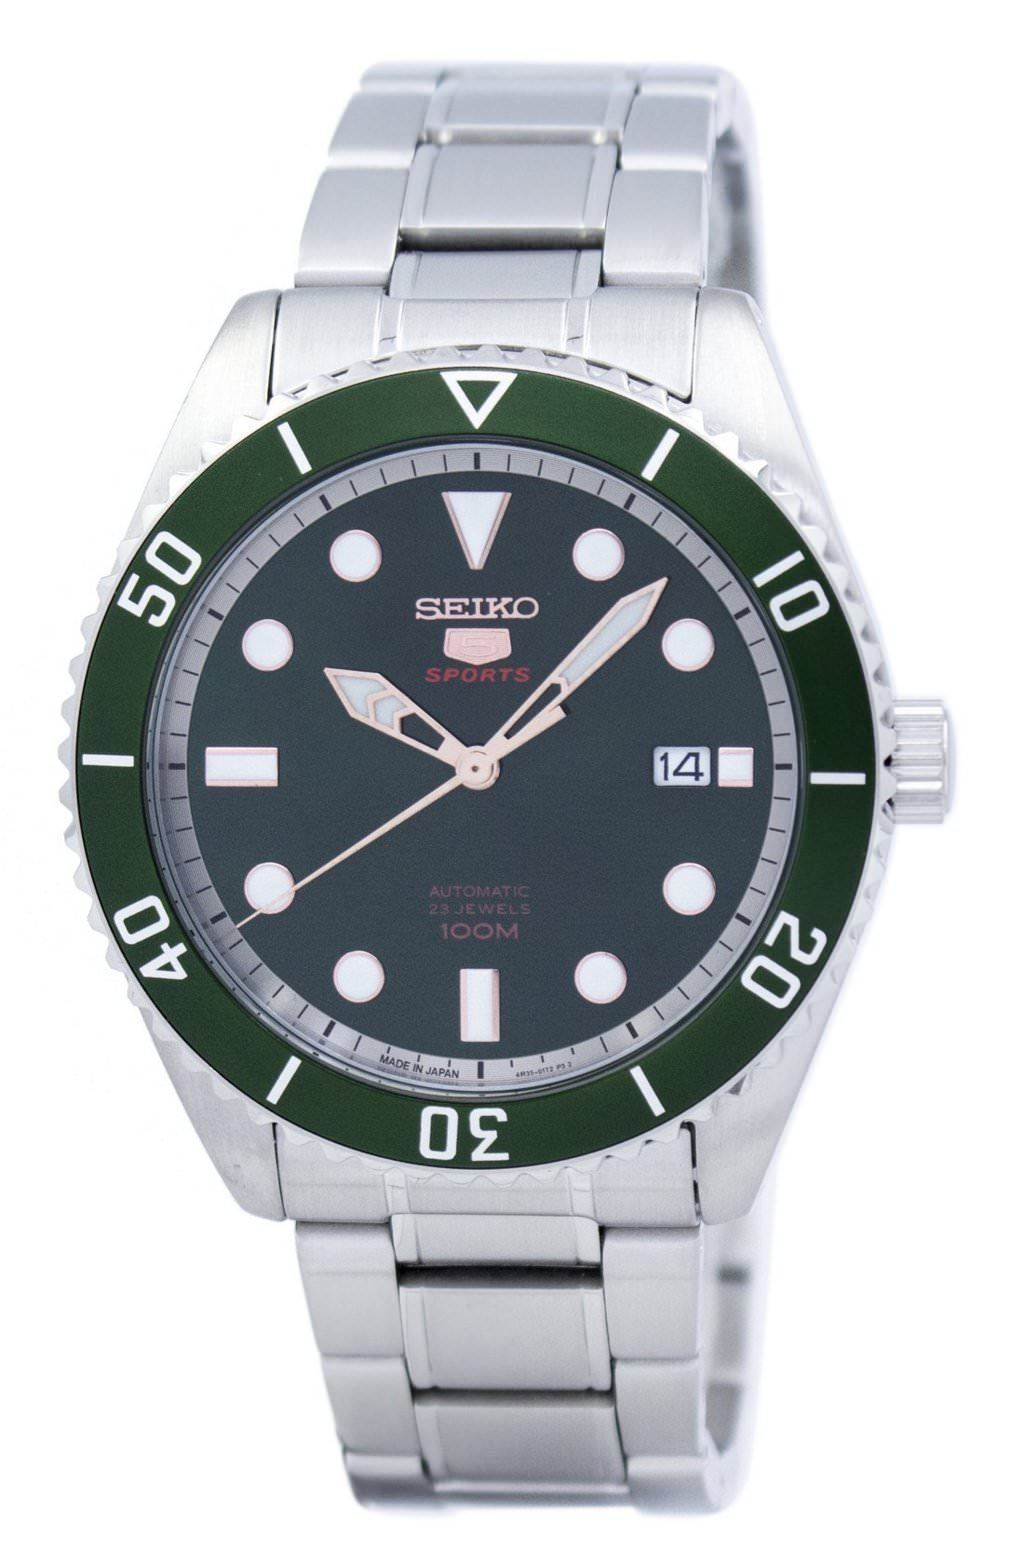 นาฬิกาผู้ชาย Seiko รุ่น SRPB93J1, Seiko 5 Sports Automatic Japan